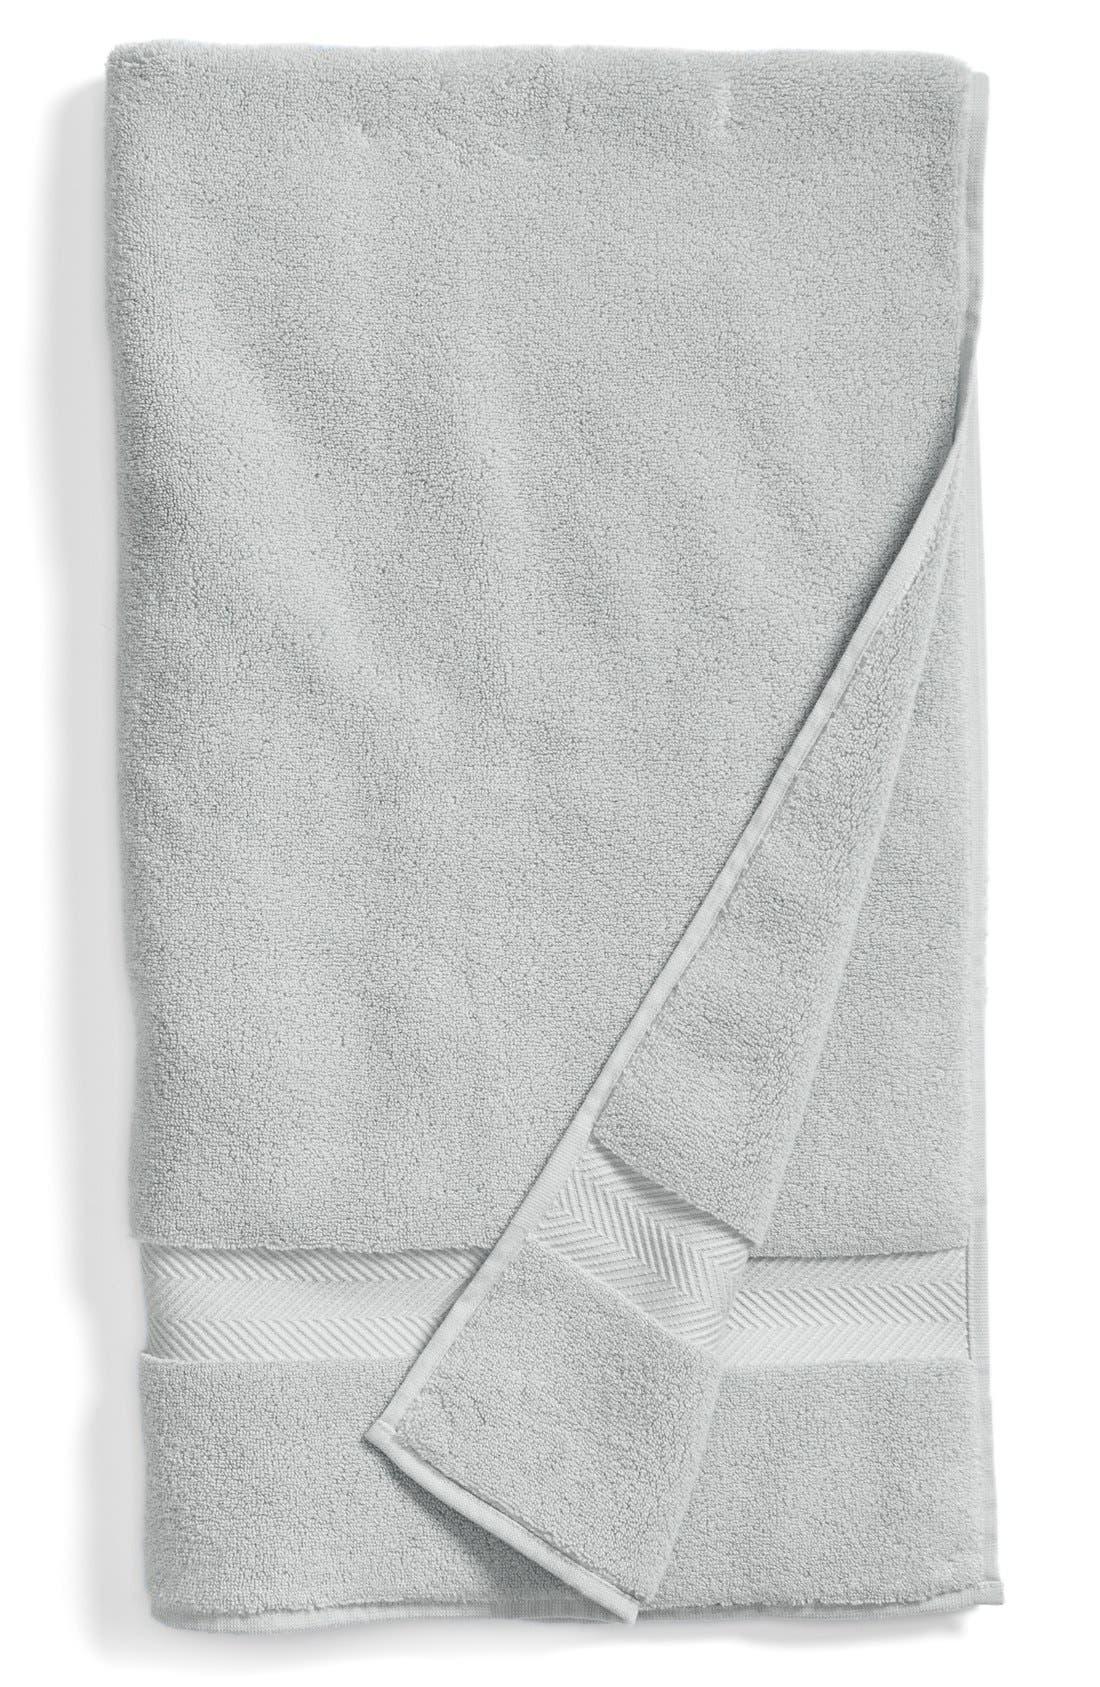 Hydrocotton Bath Towel,                         Main,                         color, GREY VAPOR